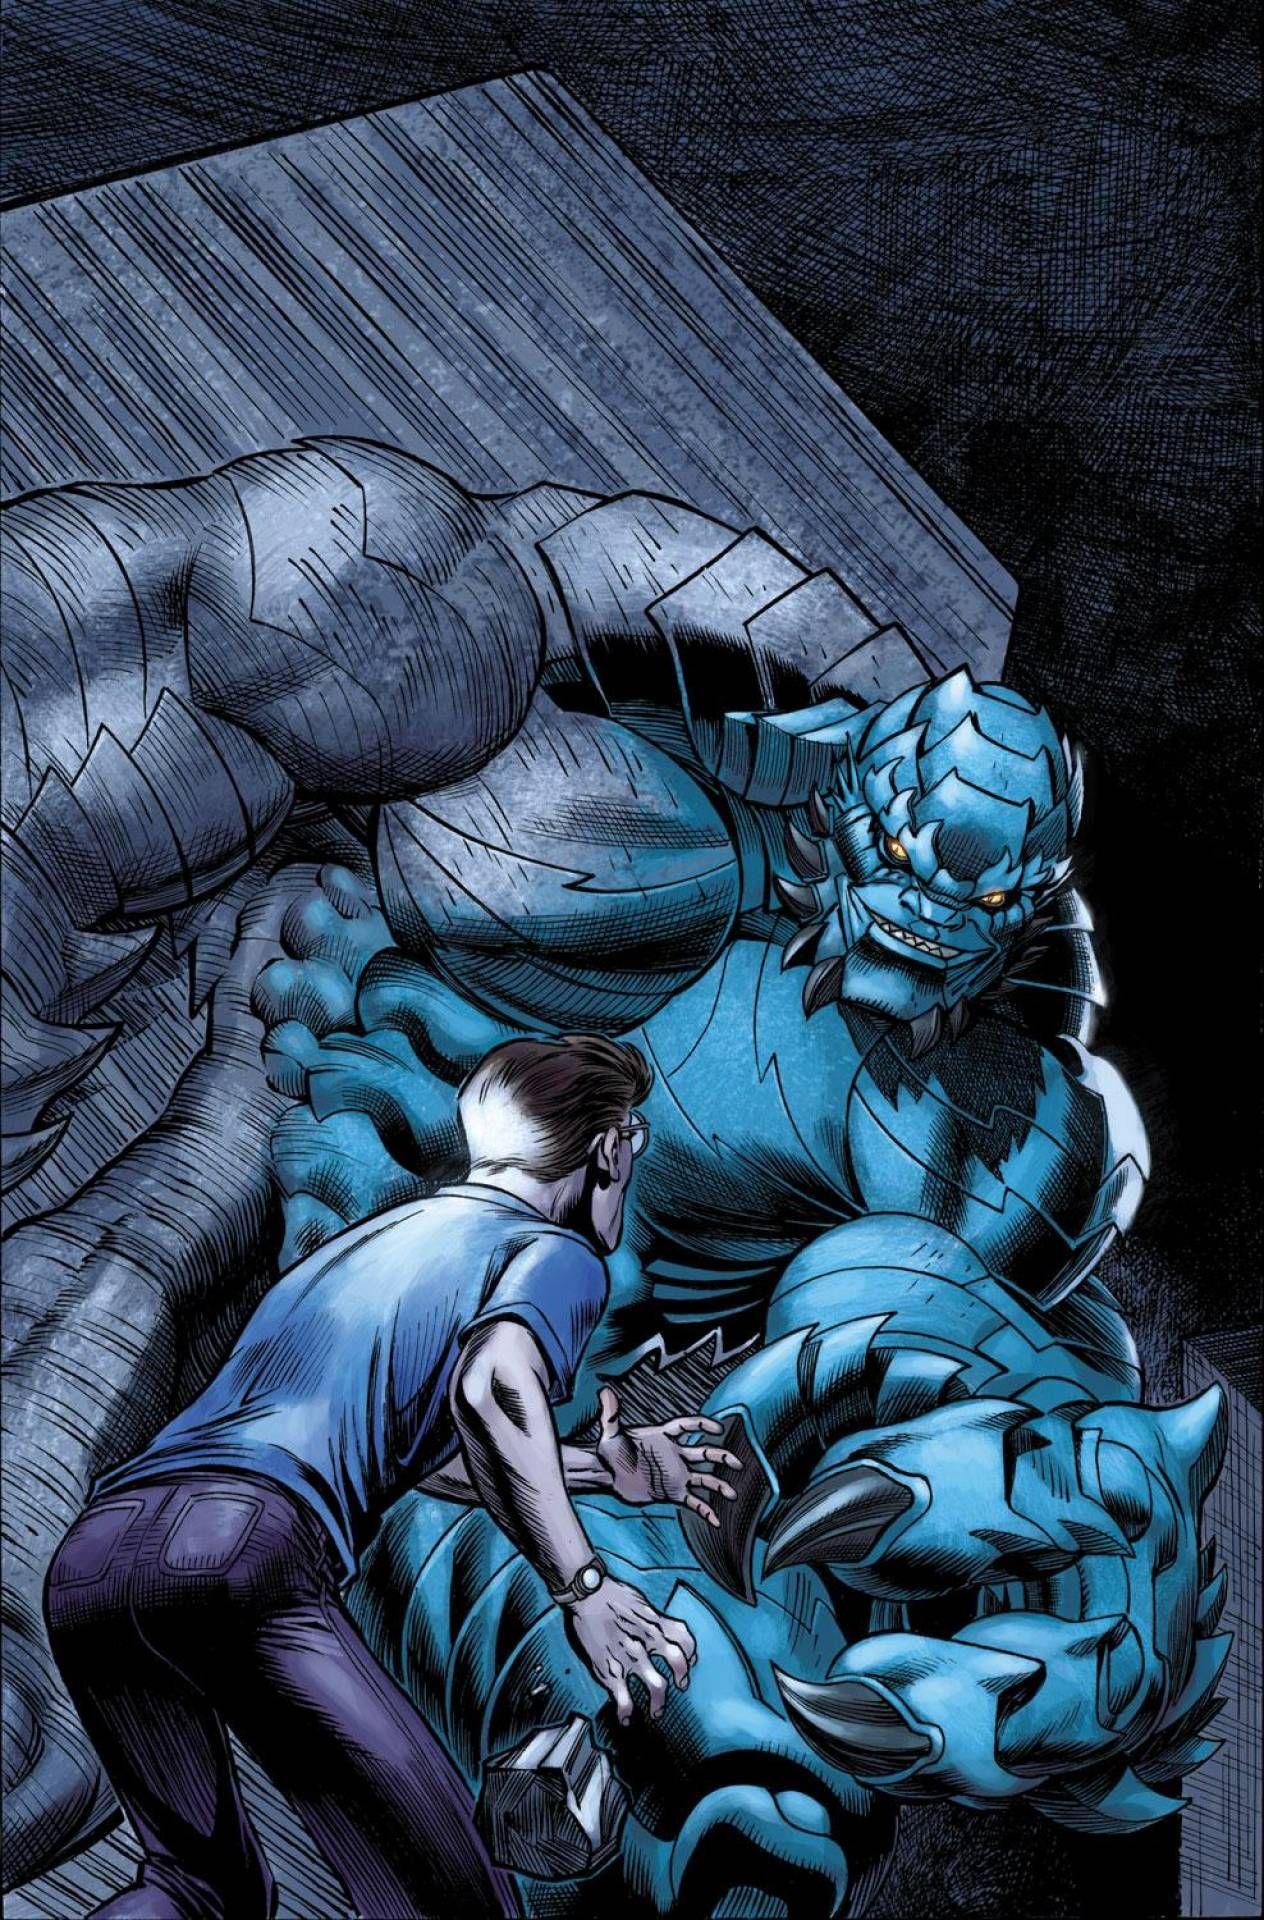 Rick Jones aka A-Bomb | Marvel animation, Hulk marvel, Superhero comic